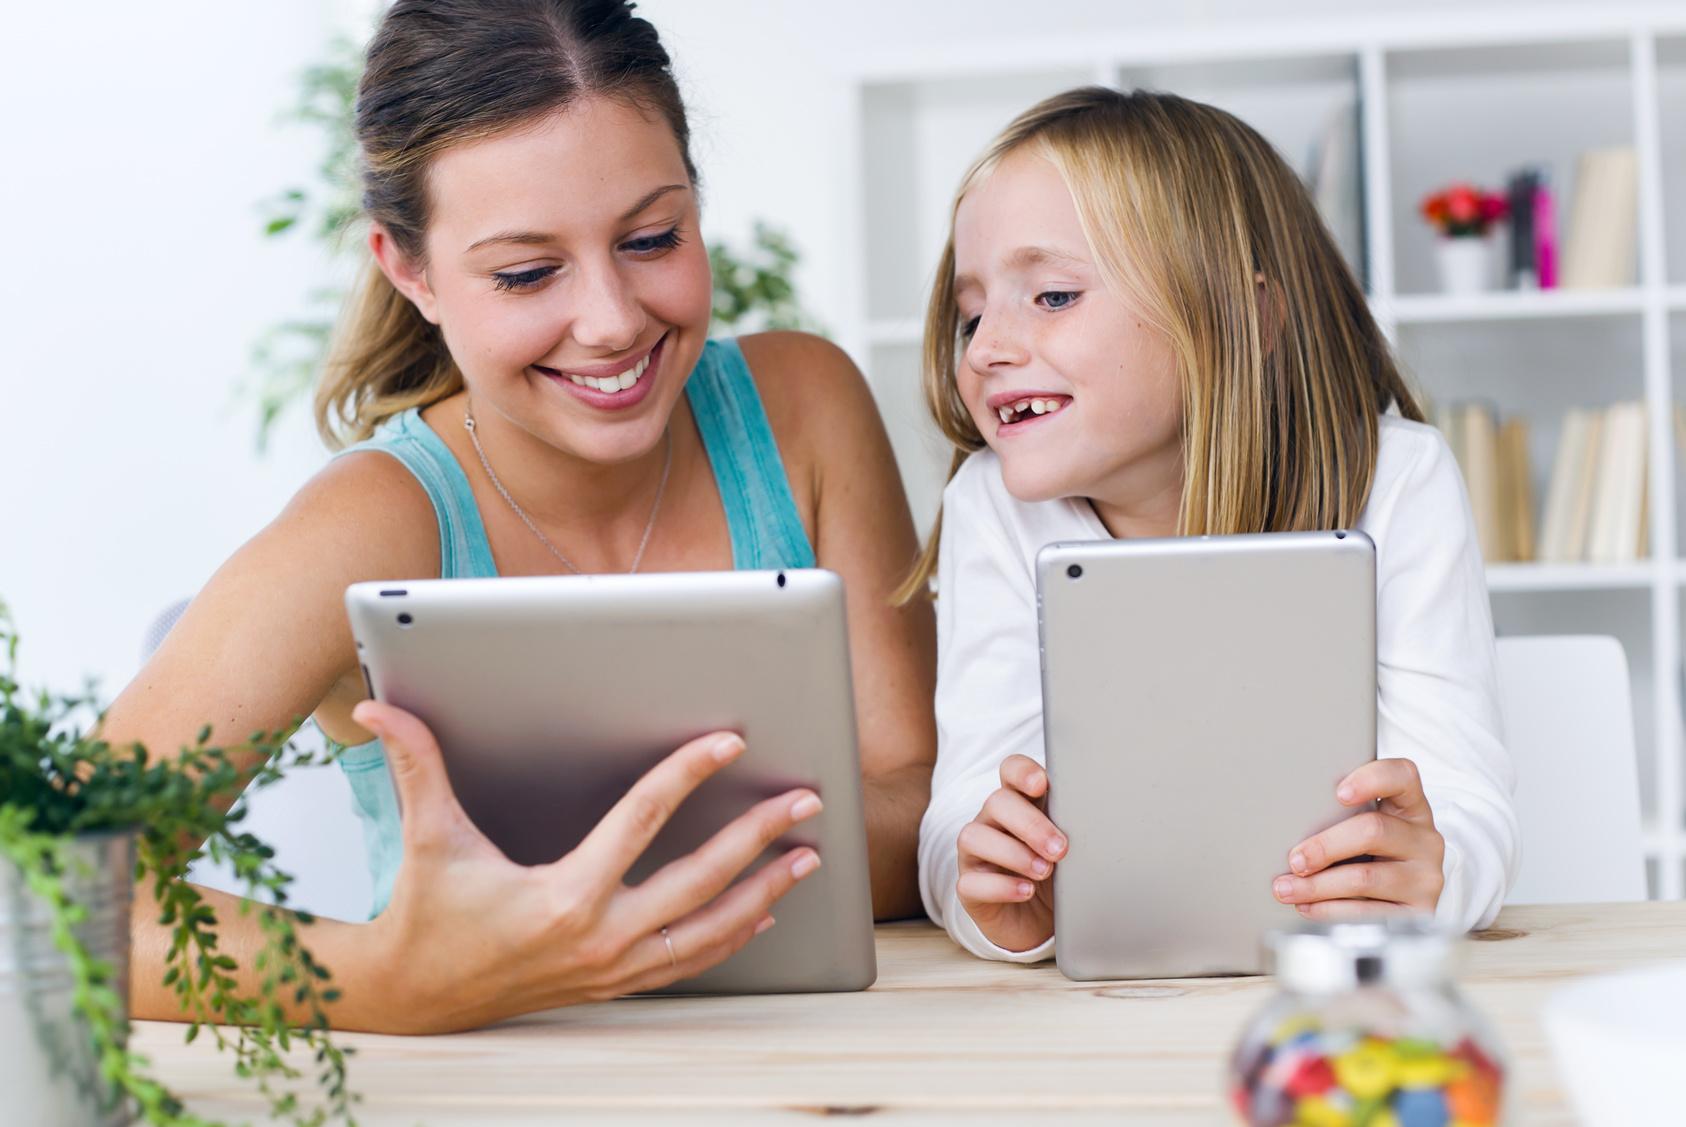 Mutter und Tochter spielen mit Tablets